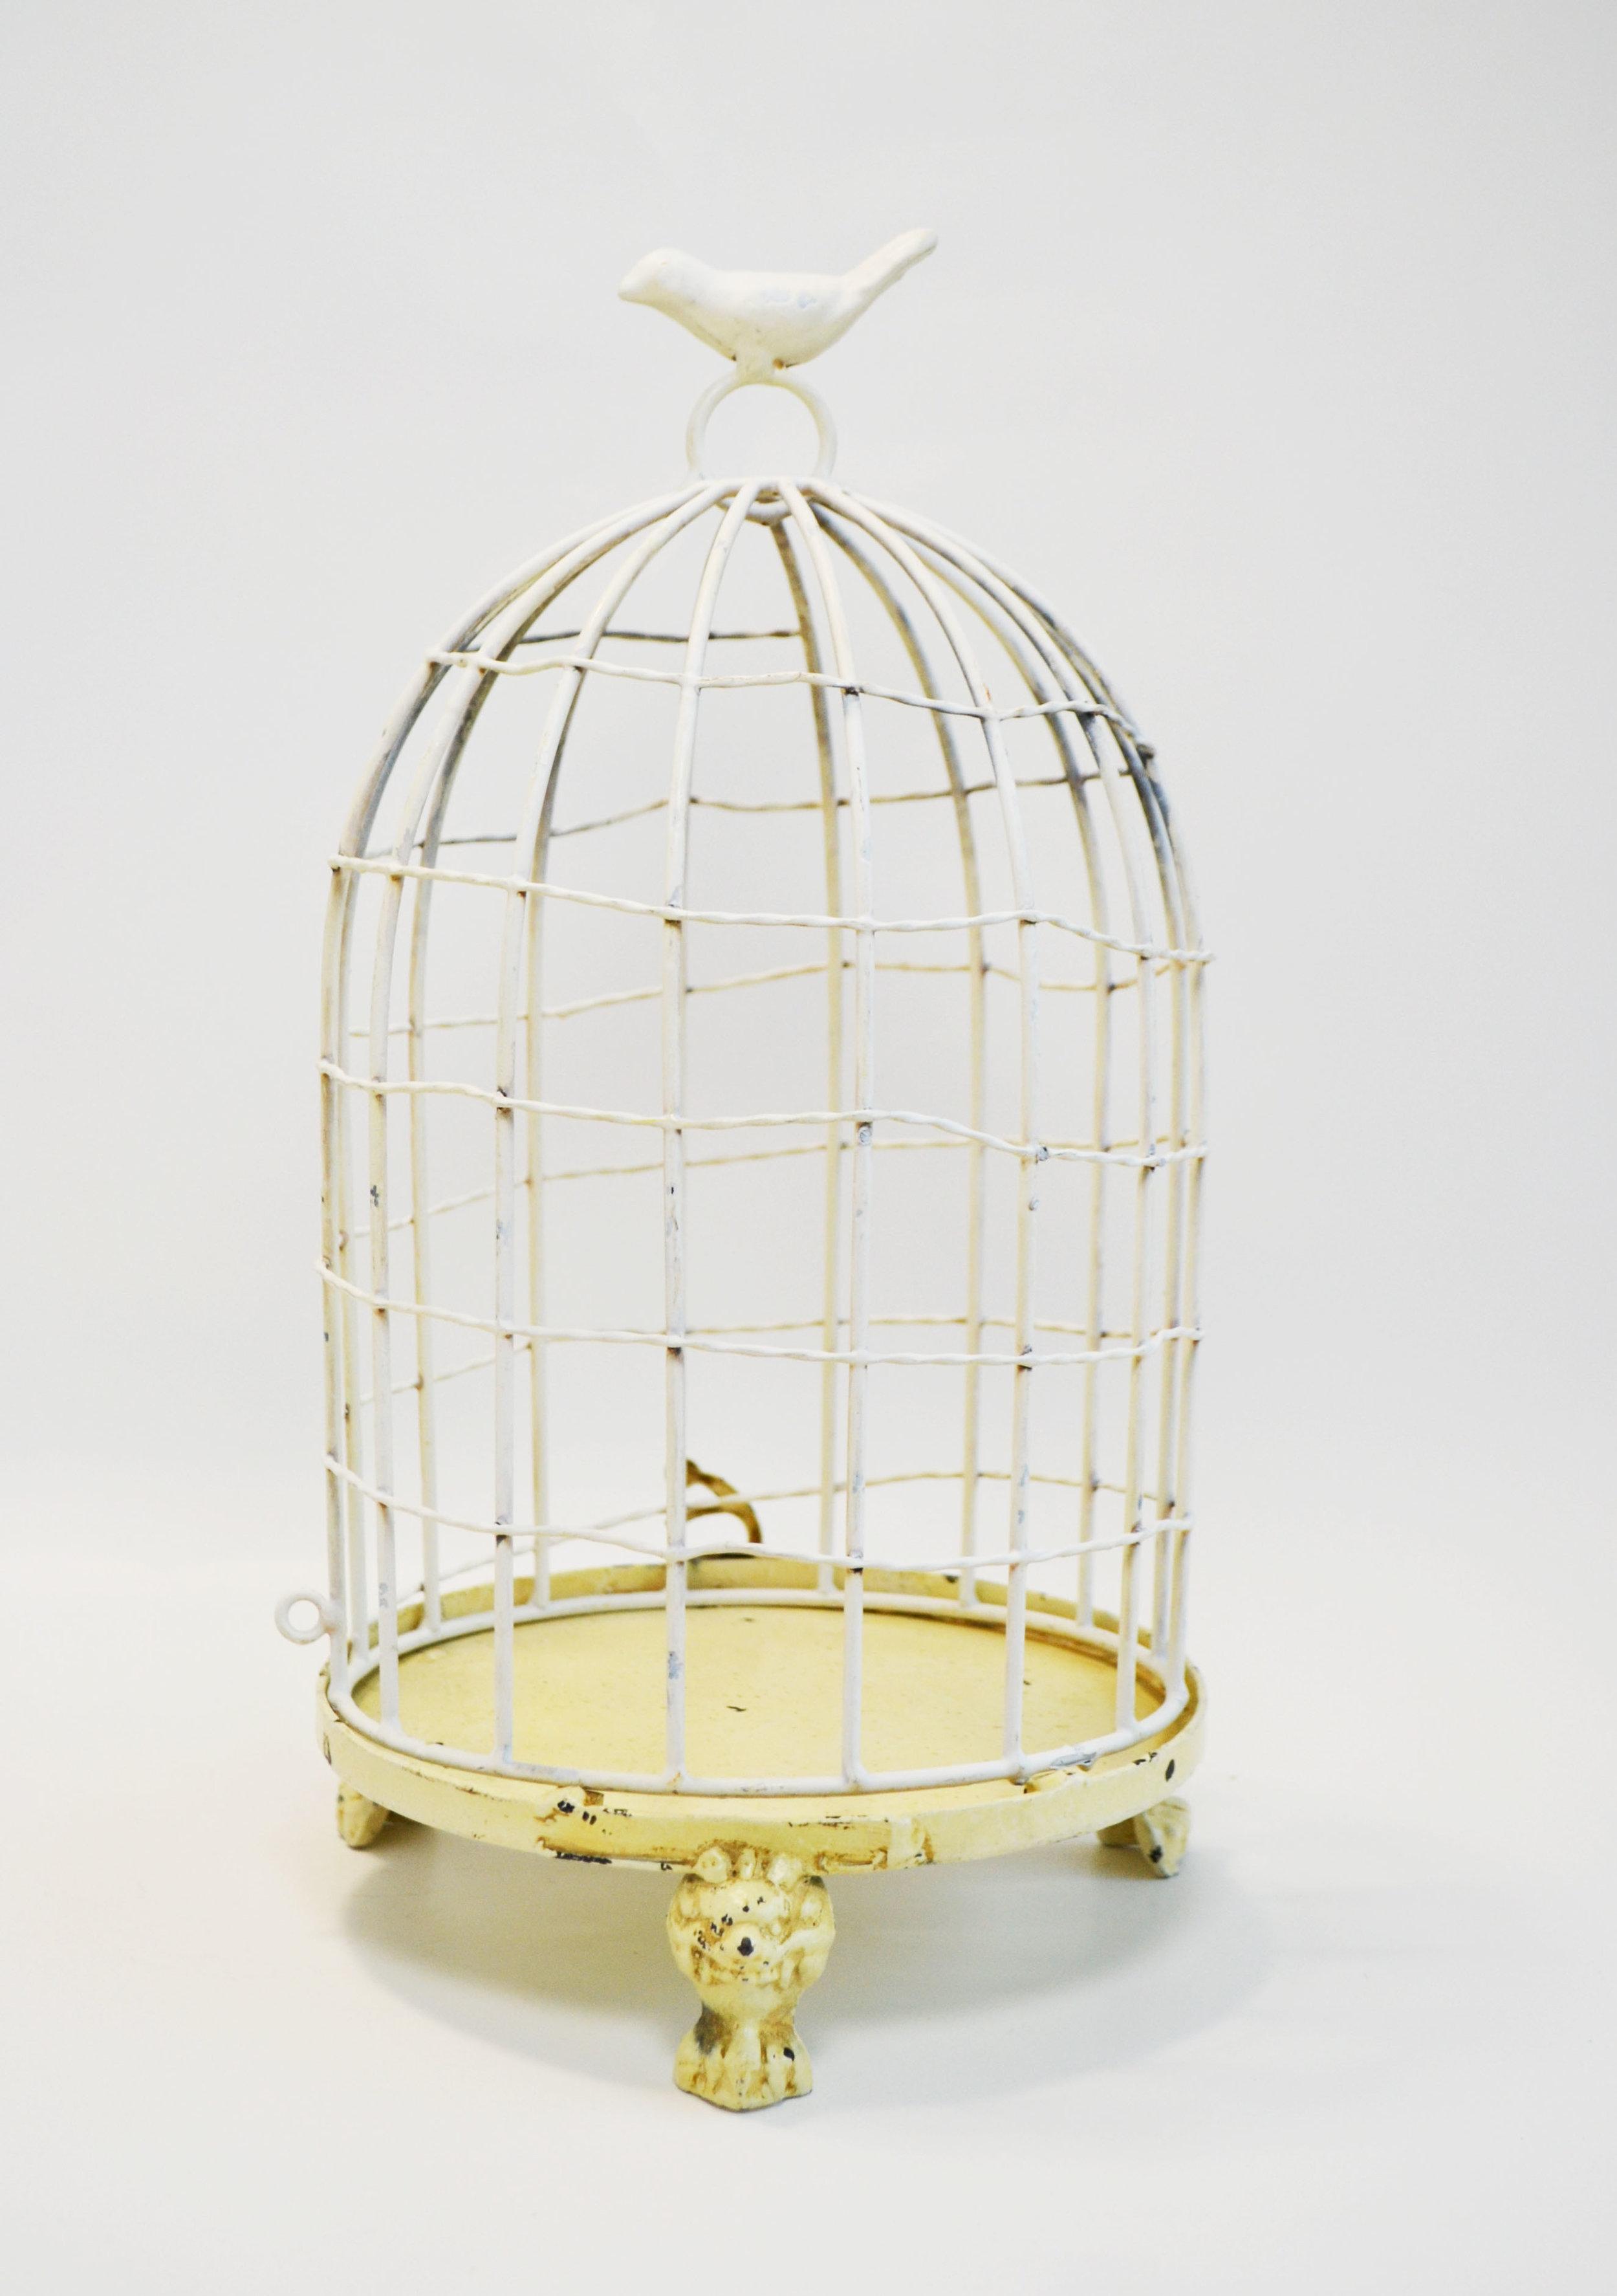 medium bird cage   Quantity: 5  Price: $15.00